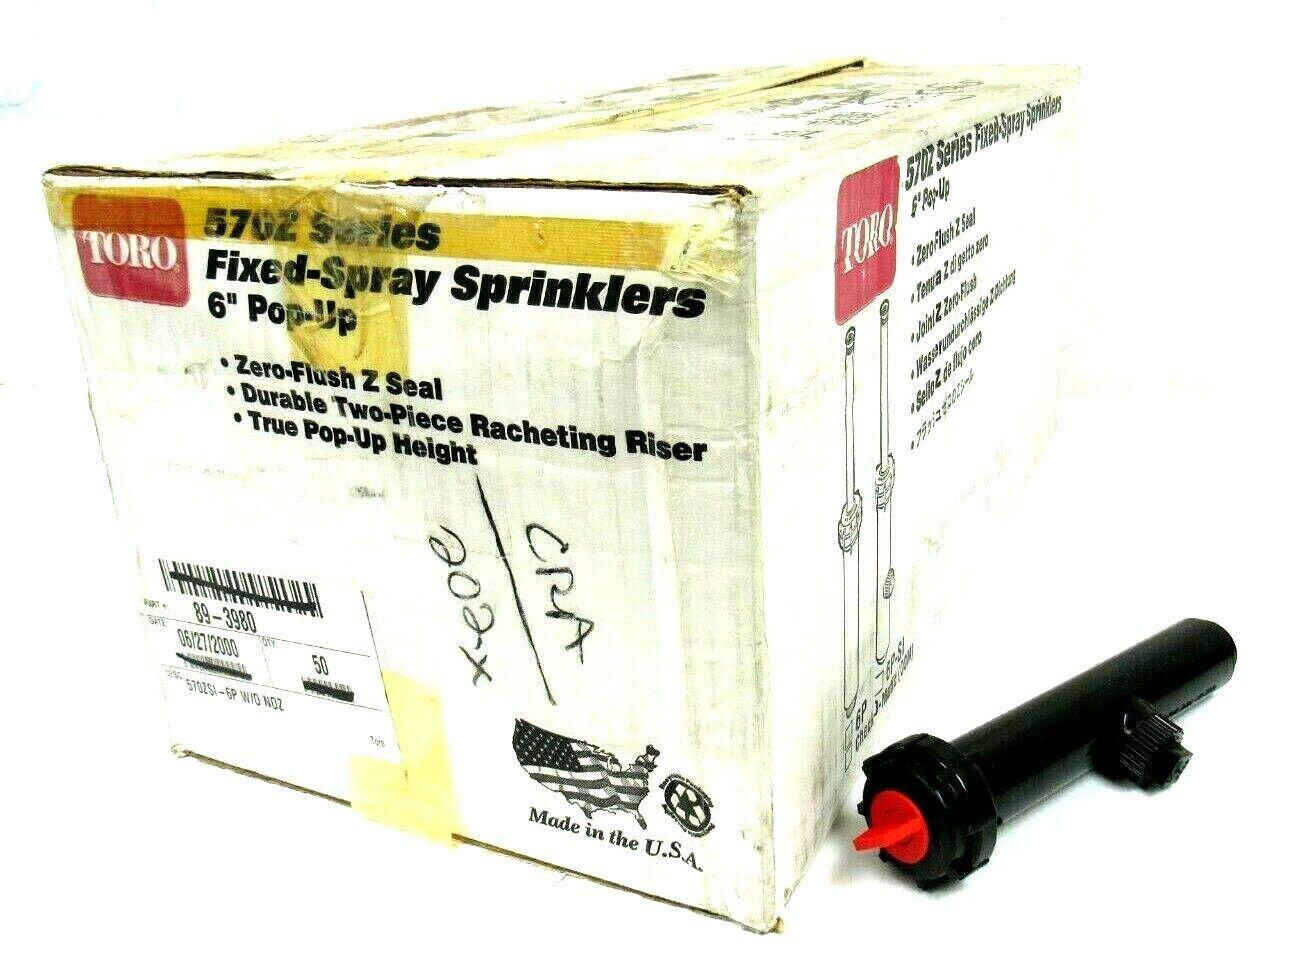 Neu 50er Box TGold 89-3980 Pop-Up Sprinkler 8   W O Düse 570zsi-6p 893980